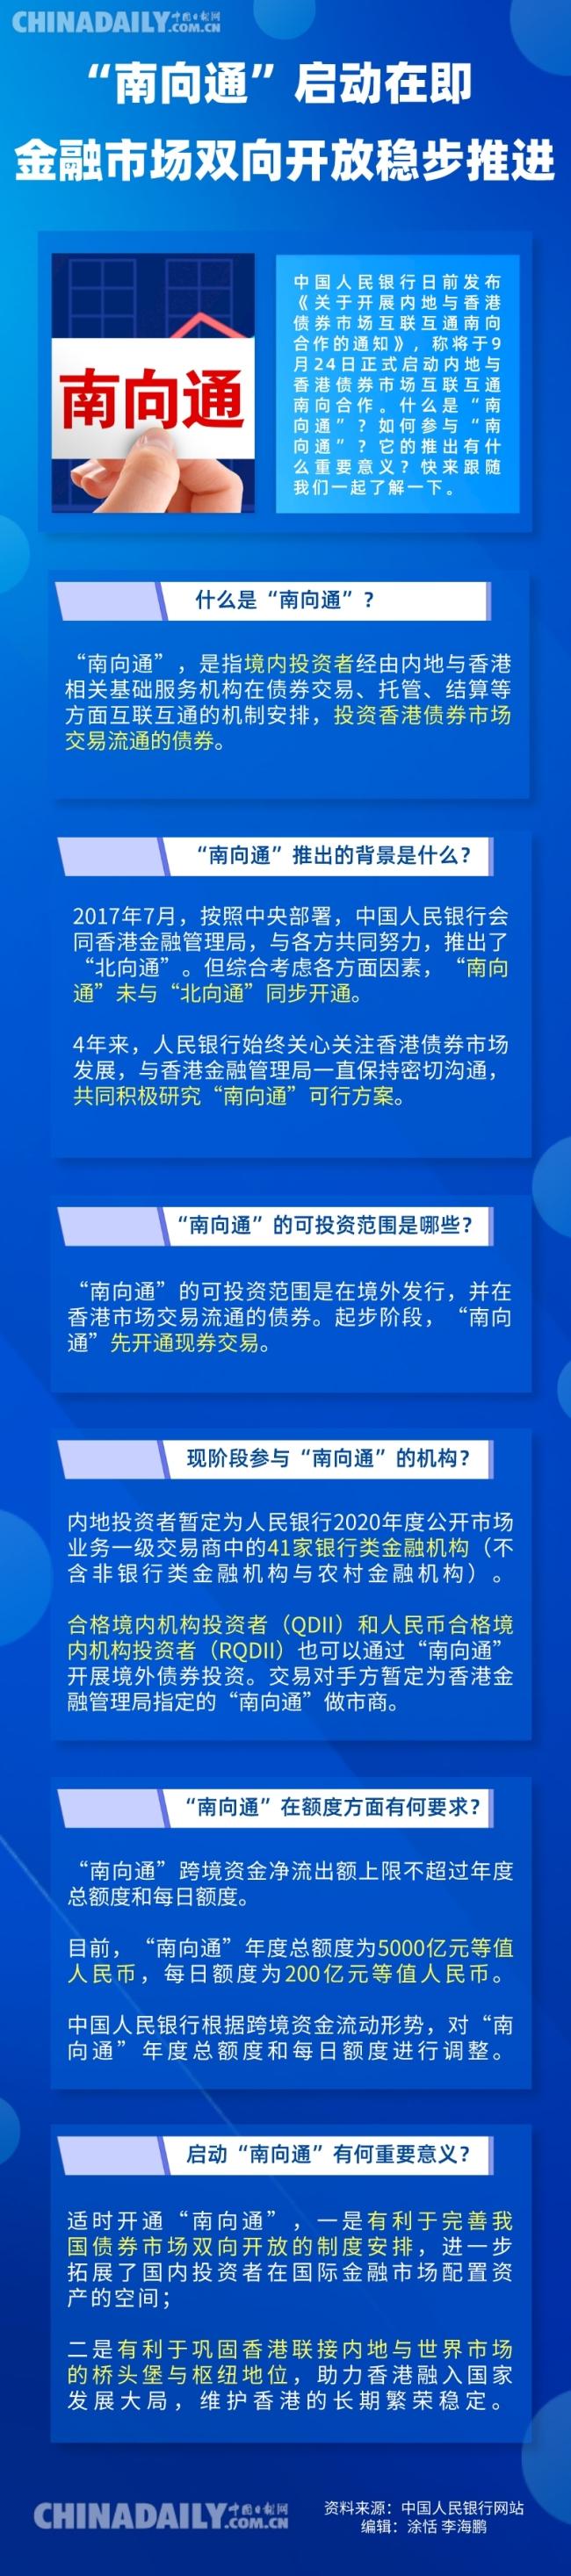 """【图说中国经济】""""南向通""""启动在即:金融市场双向开放稳步推进"""